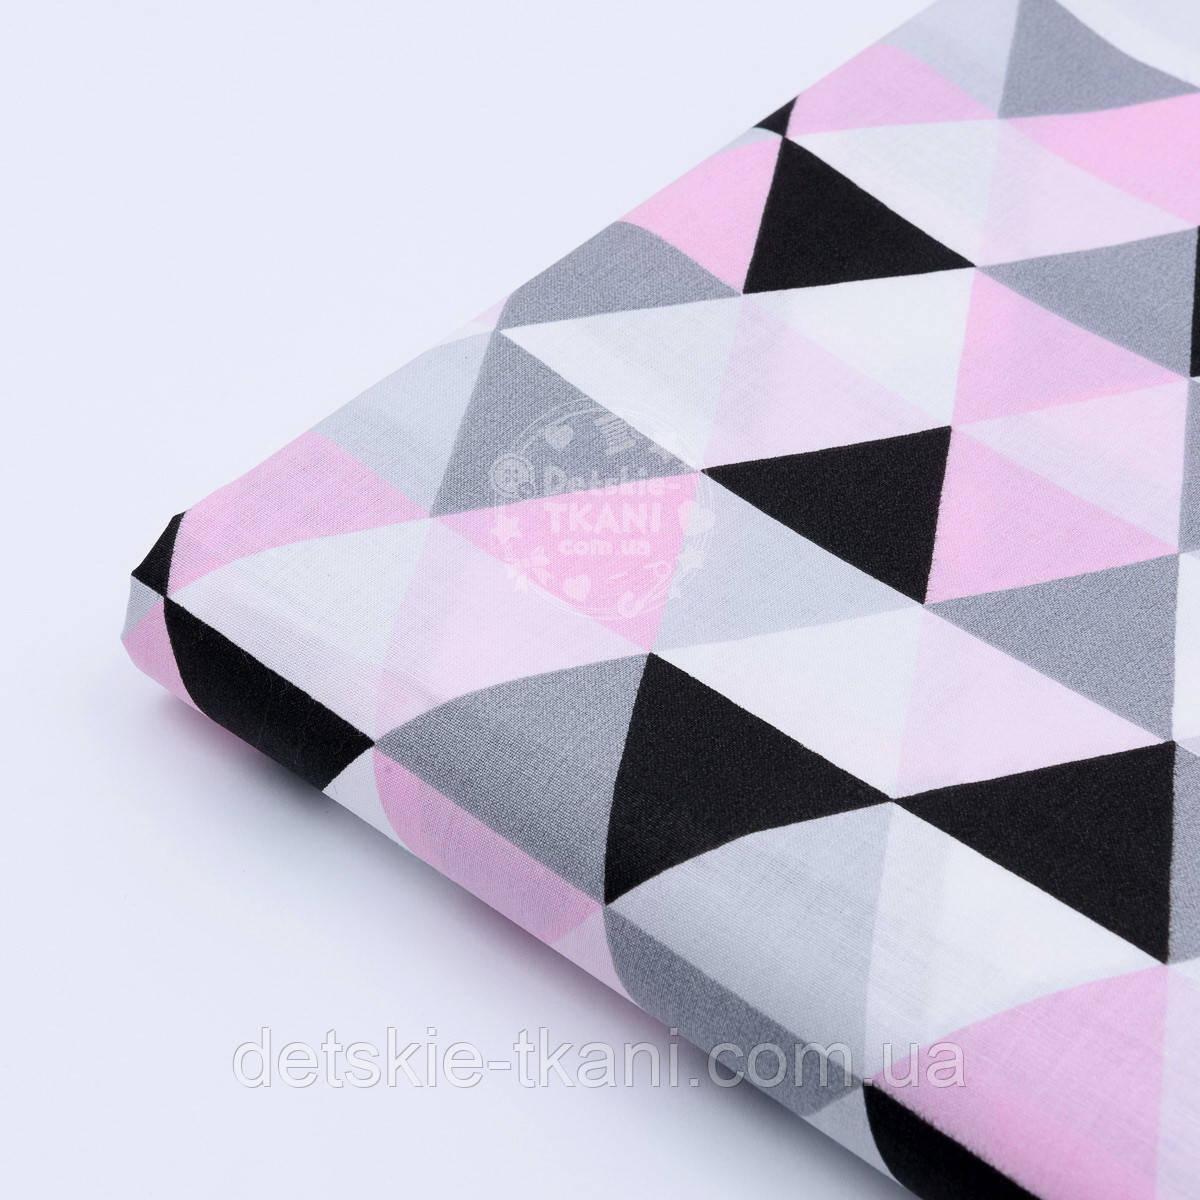 Лоскут ткани с серыми розовыми и чёрными треугольниками (размером 4 см), №1658а, размер 31*80